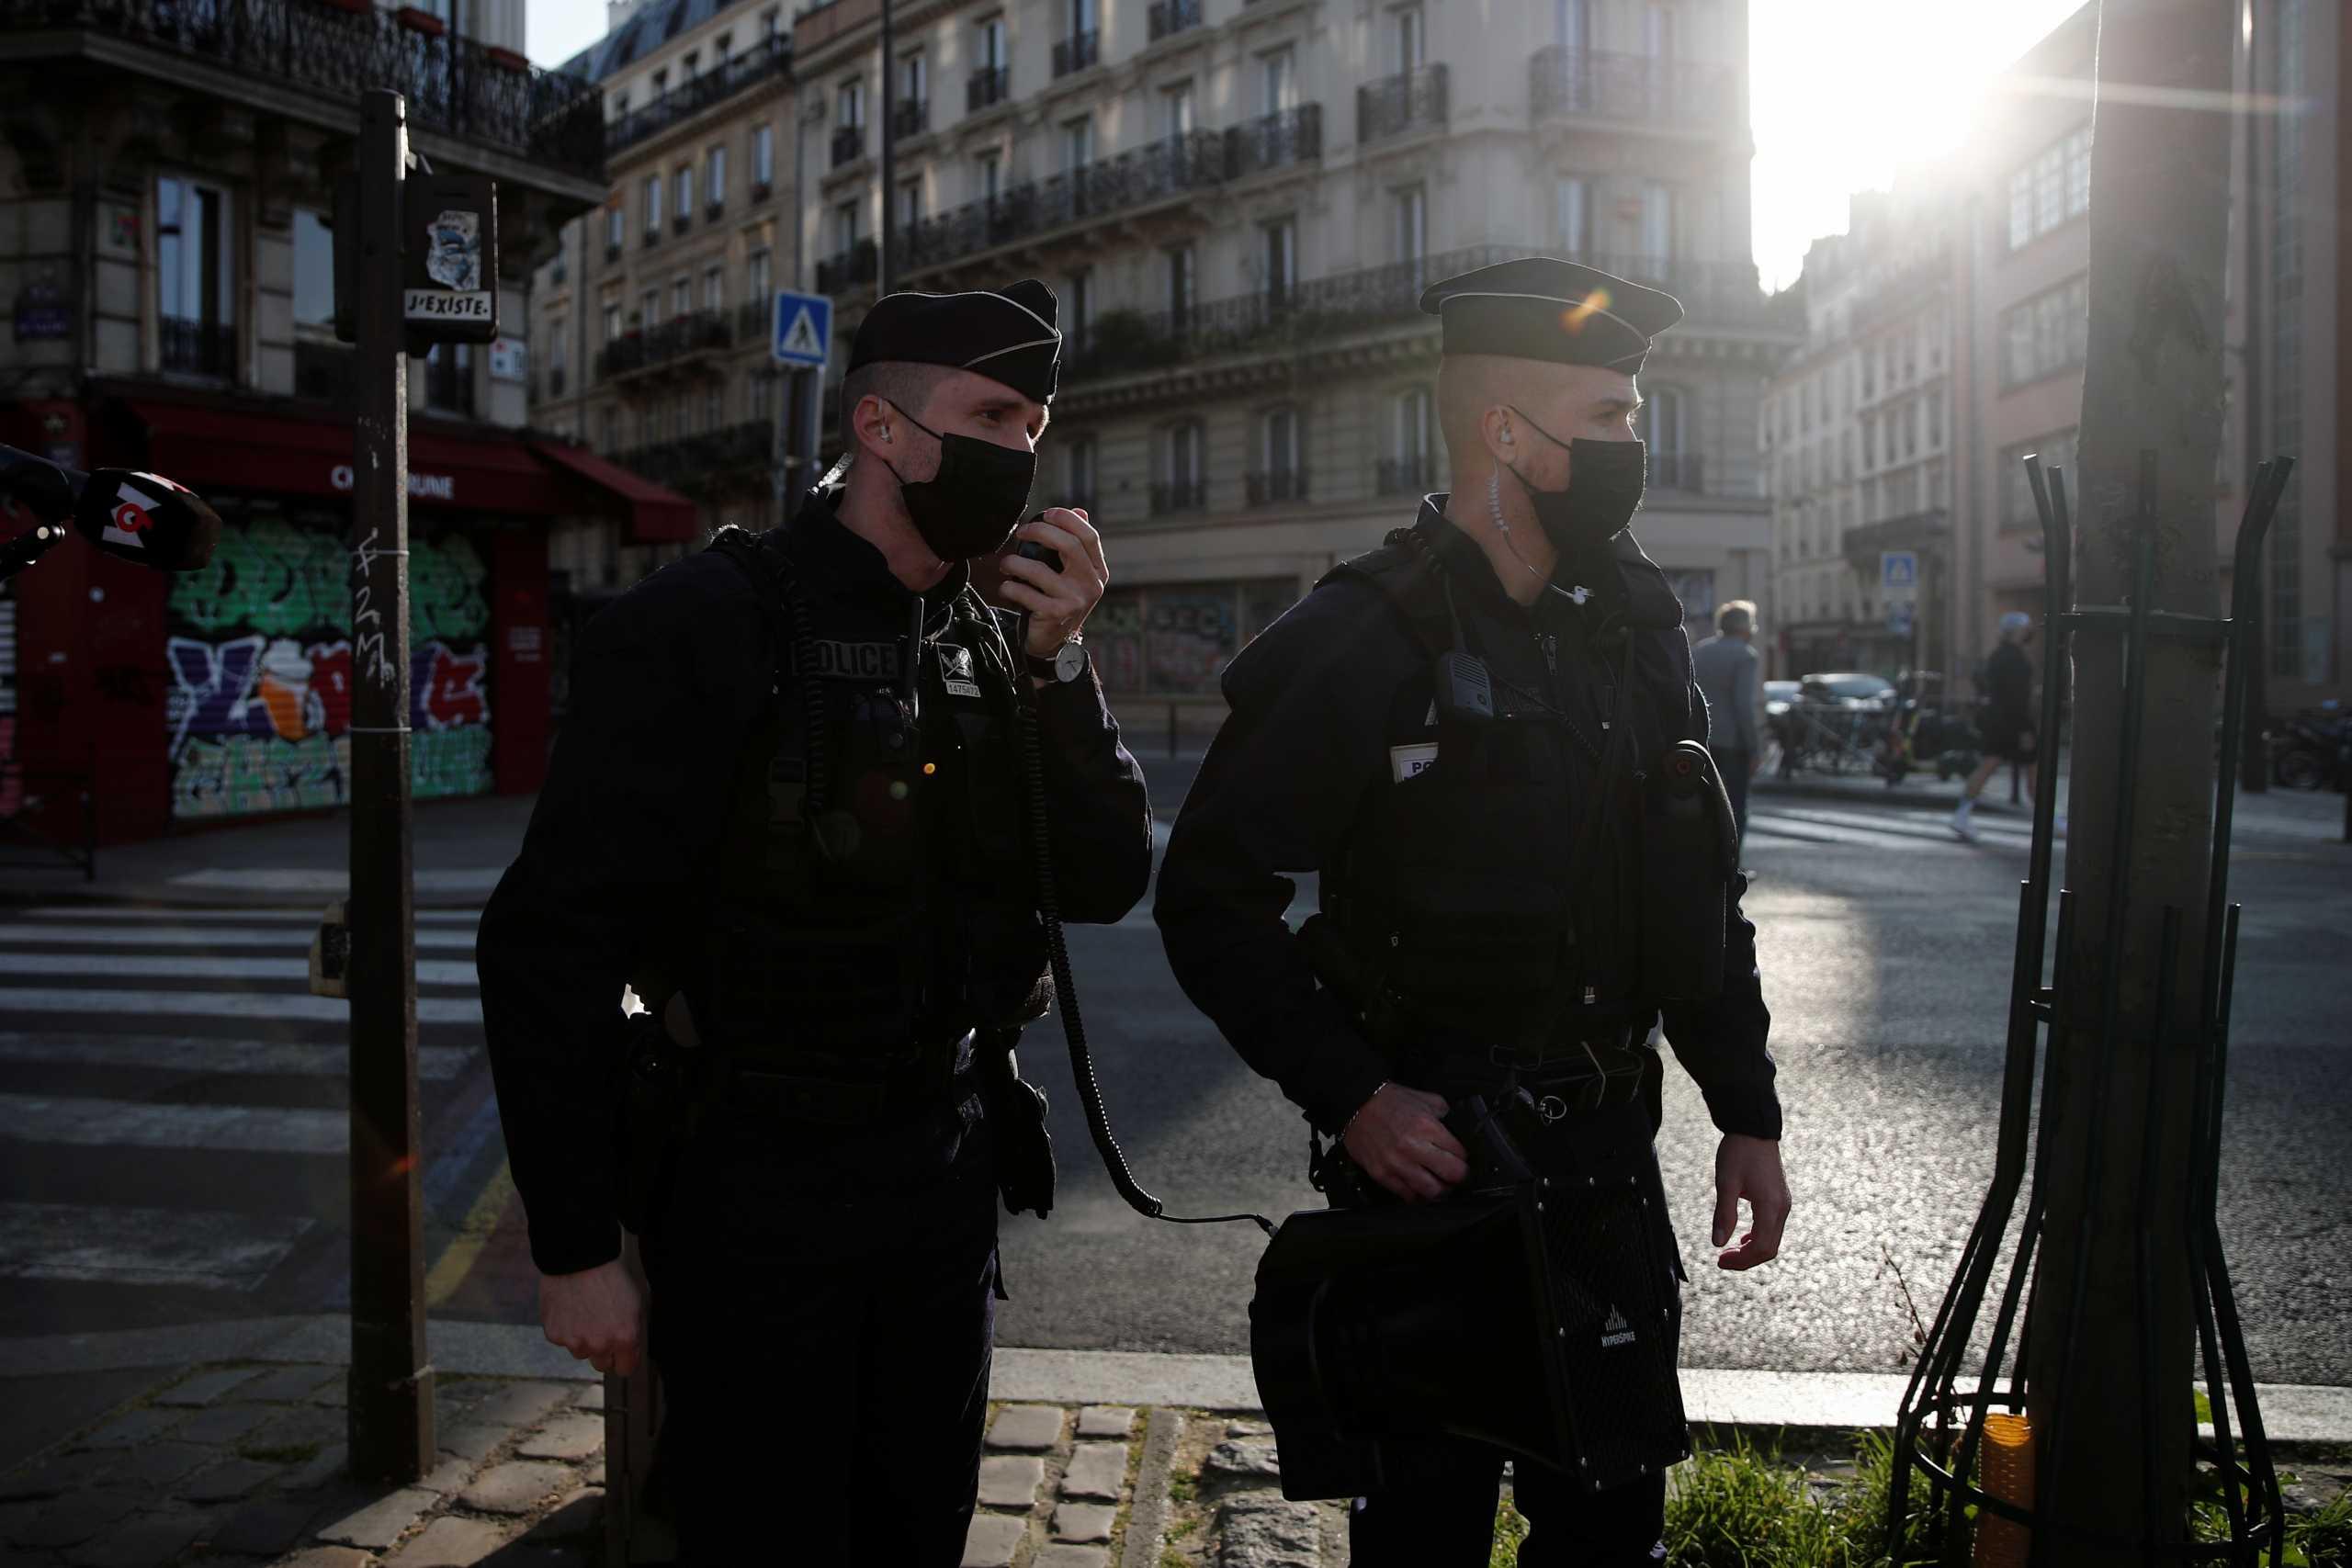 Γαλλία: Σάλος με τα παράνομα δείπνα – Δεν συμμετείχαν υπουργοί λέει η κυβέρνηση